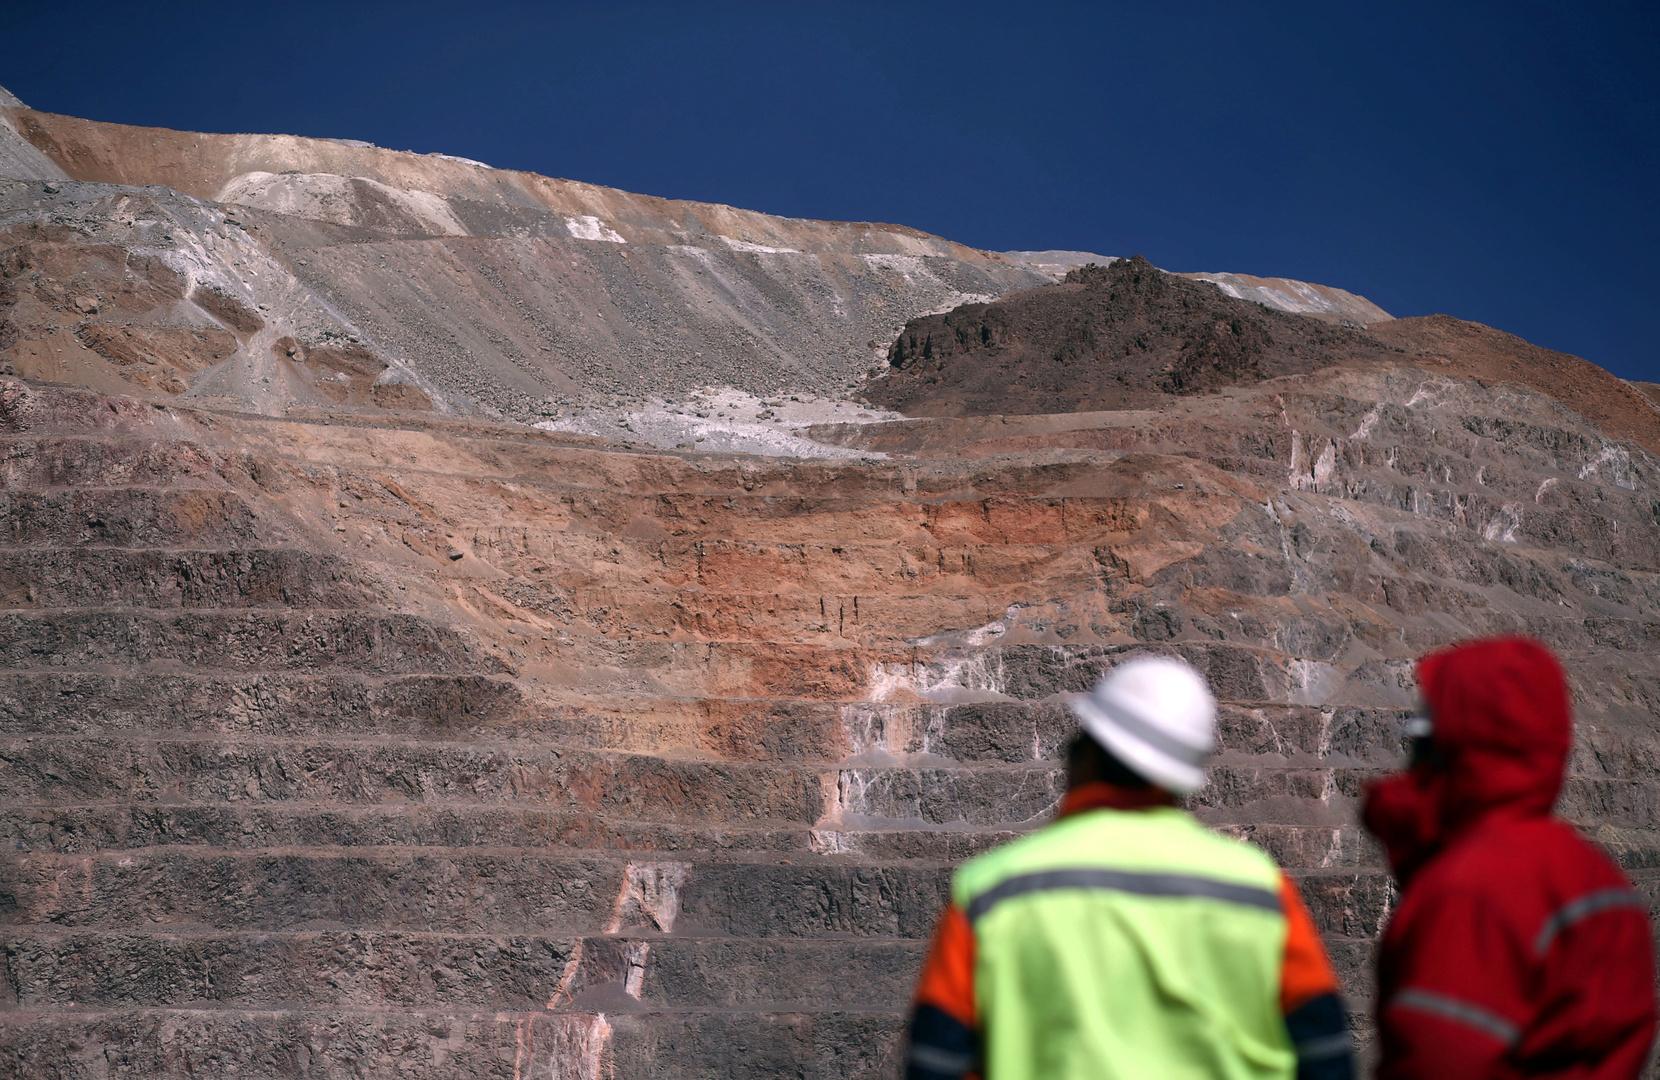 خبير: مصر ستتوسط الدول العشر الأولى عالميا في إنتاج الذهب قريبا